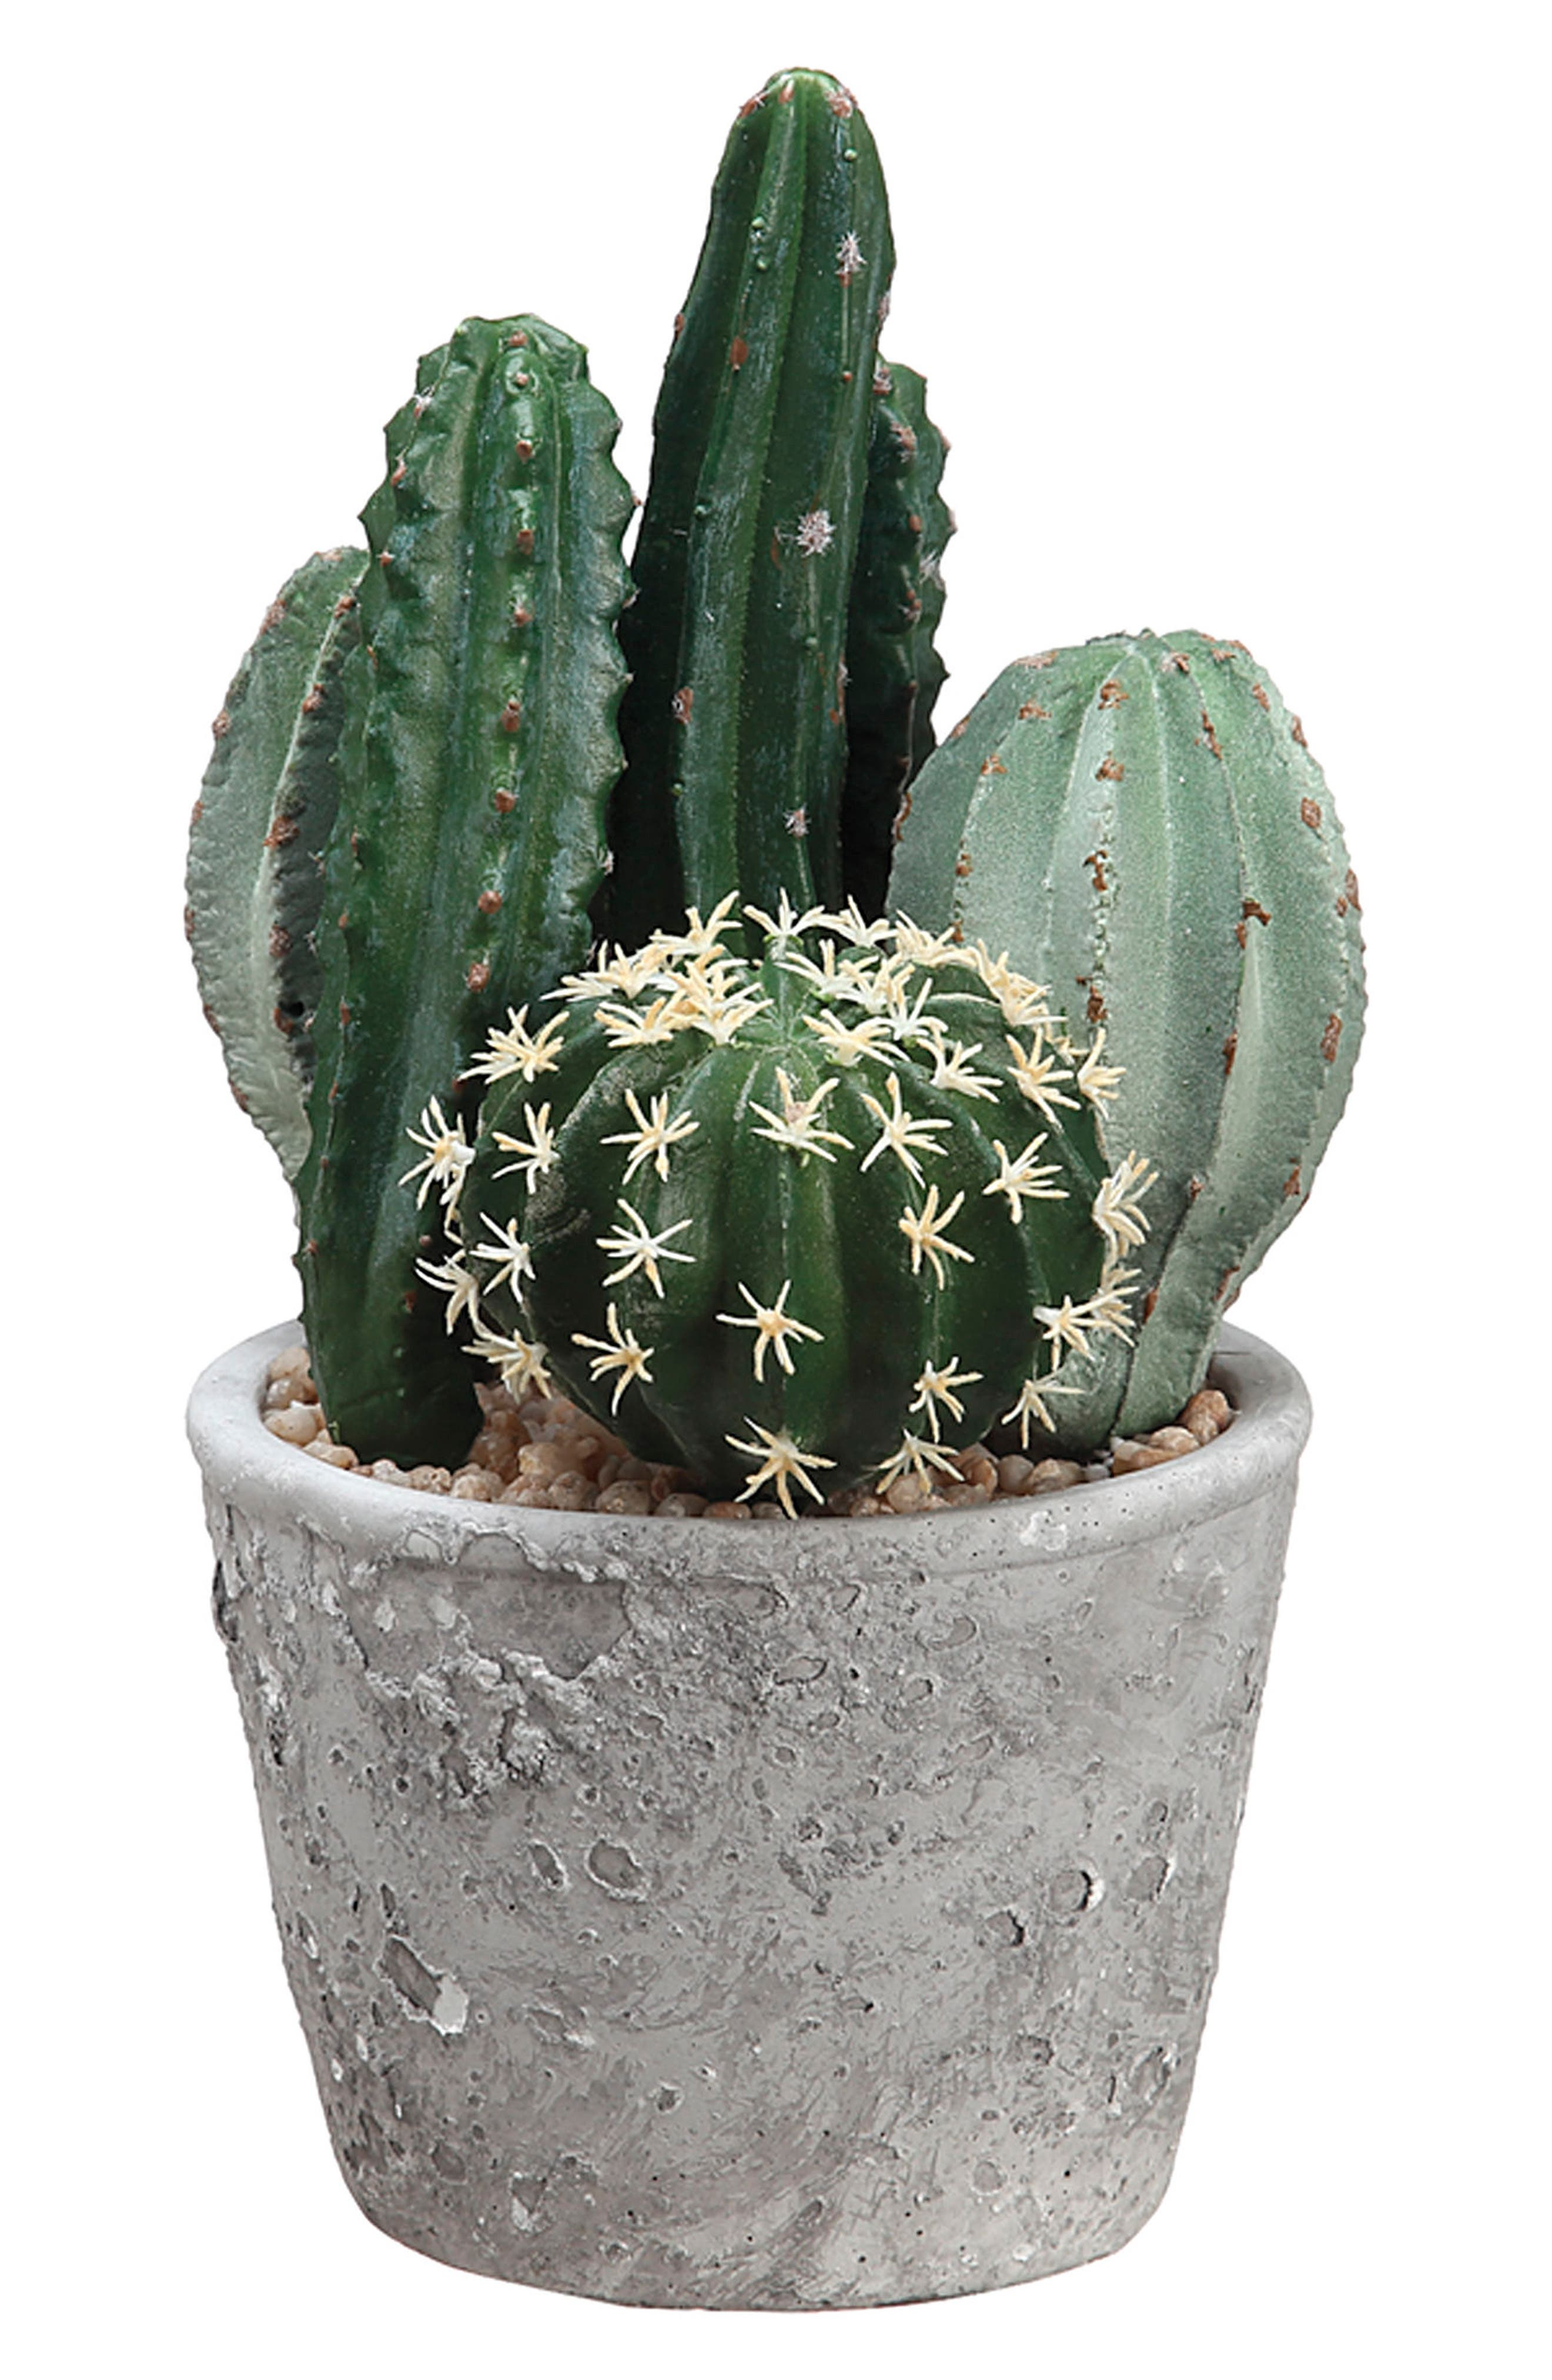 Cactus Garden Decoration,                             Main thumbnail 1, color,                             Green